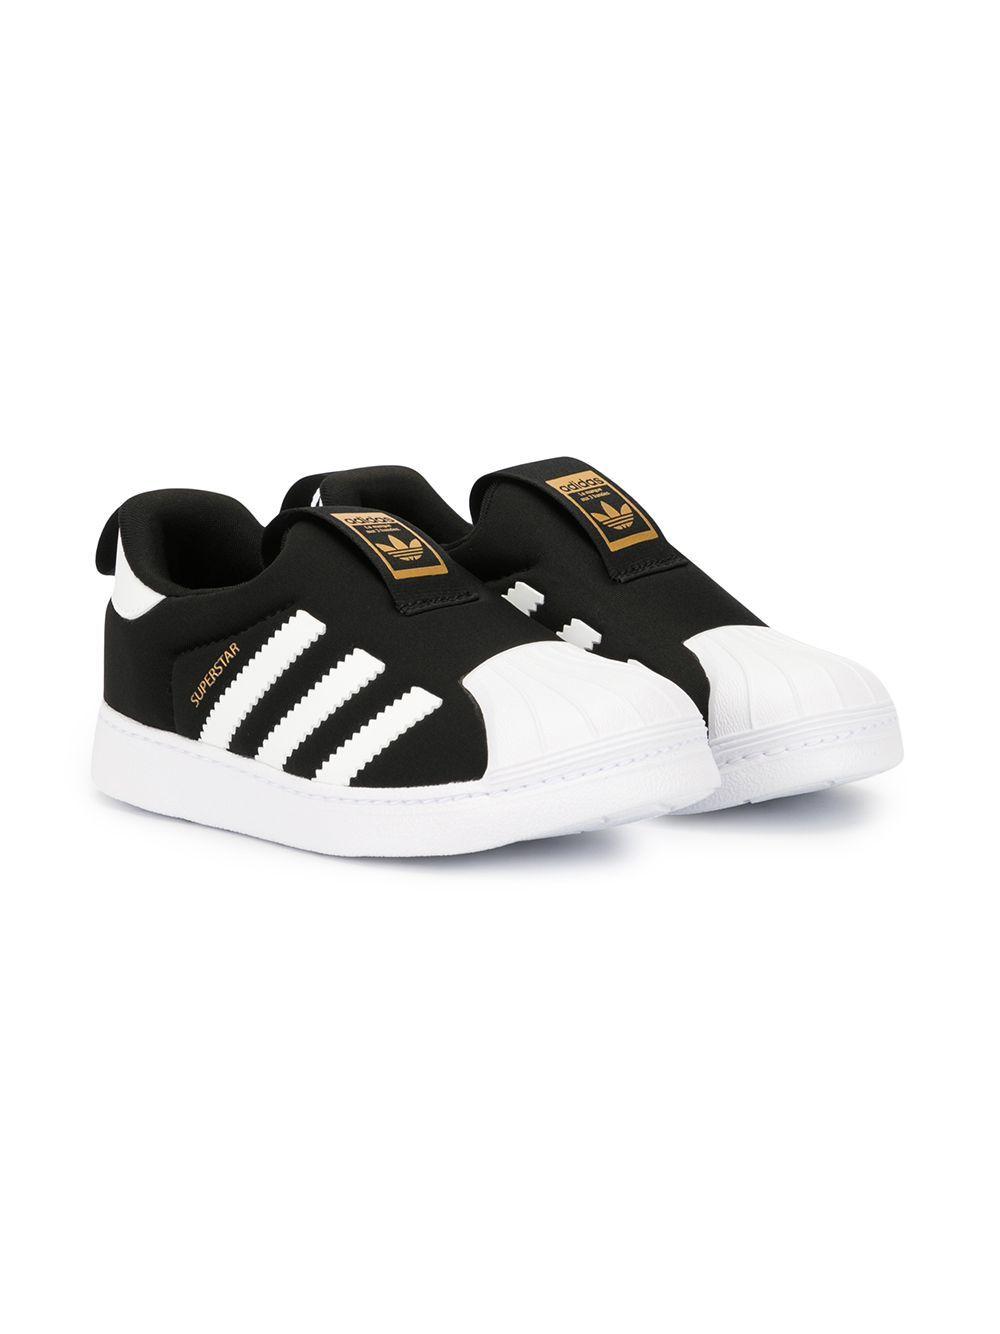 Adidas Kids Superstar 360 Sneakers